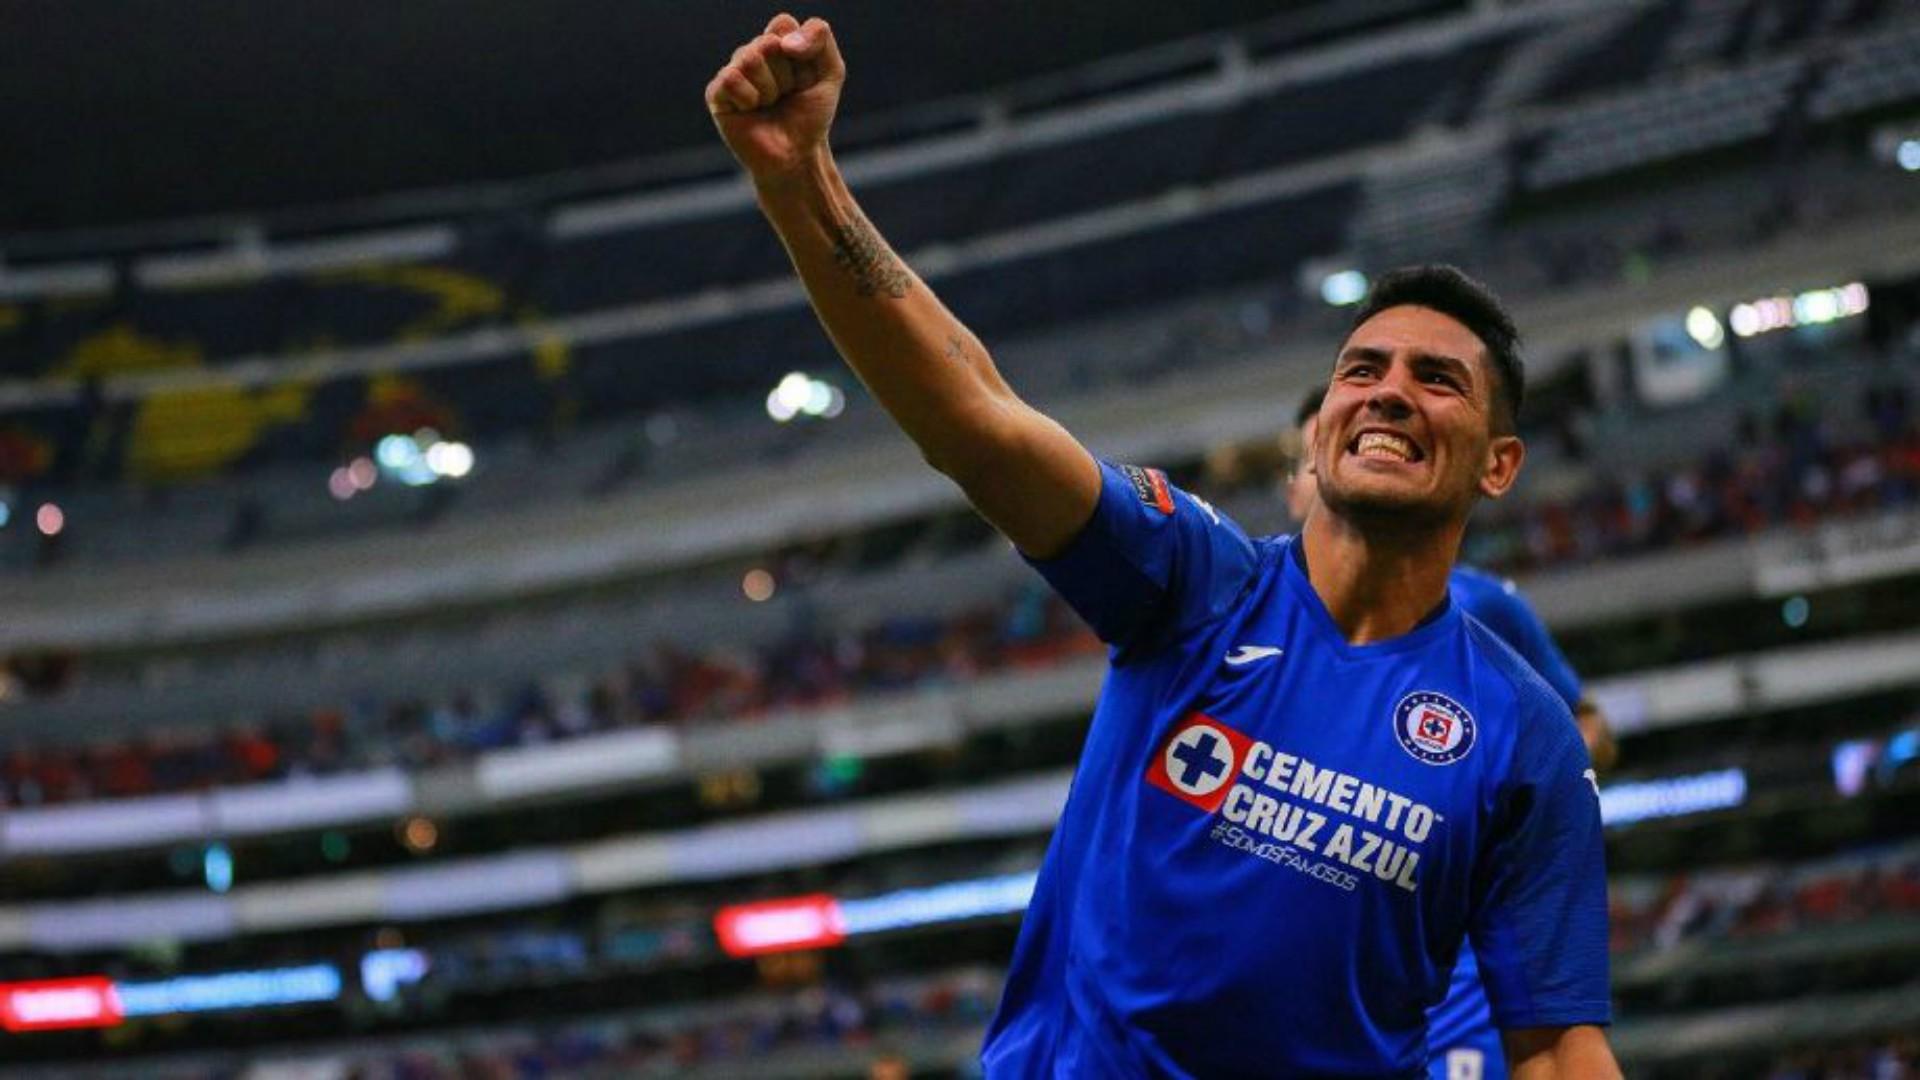 Oficial: Cruz Azul manda a Lucas Passerini al Necaxa | Goal.com